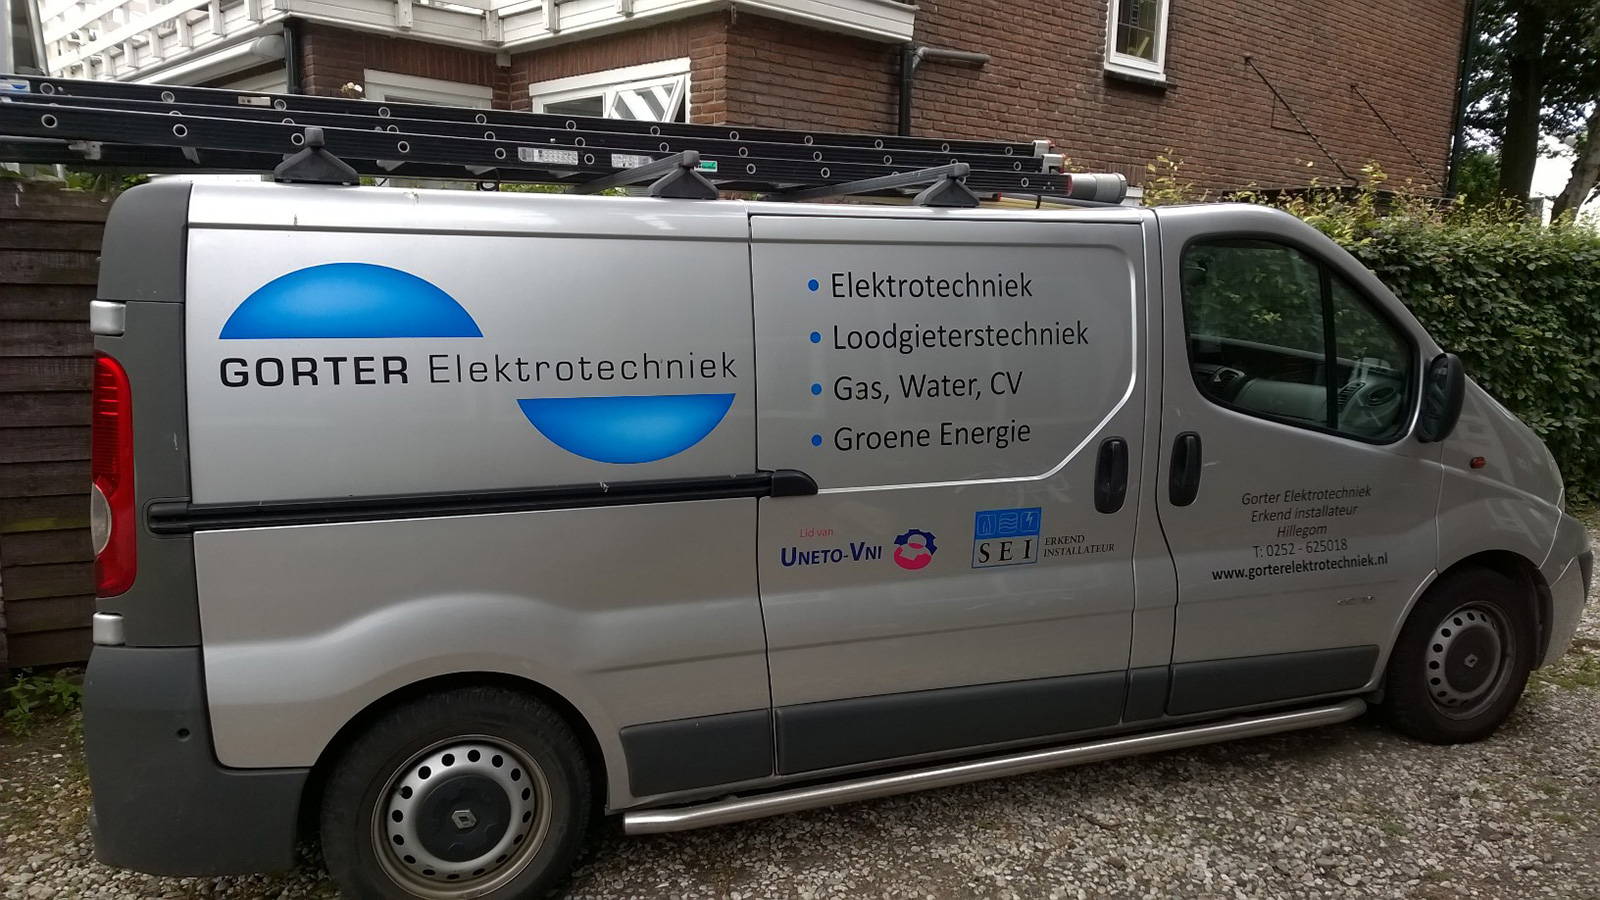 gorter_elektrotechniek_homepage